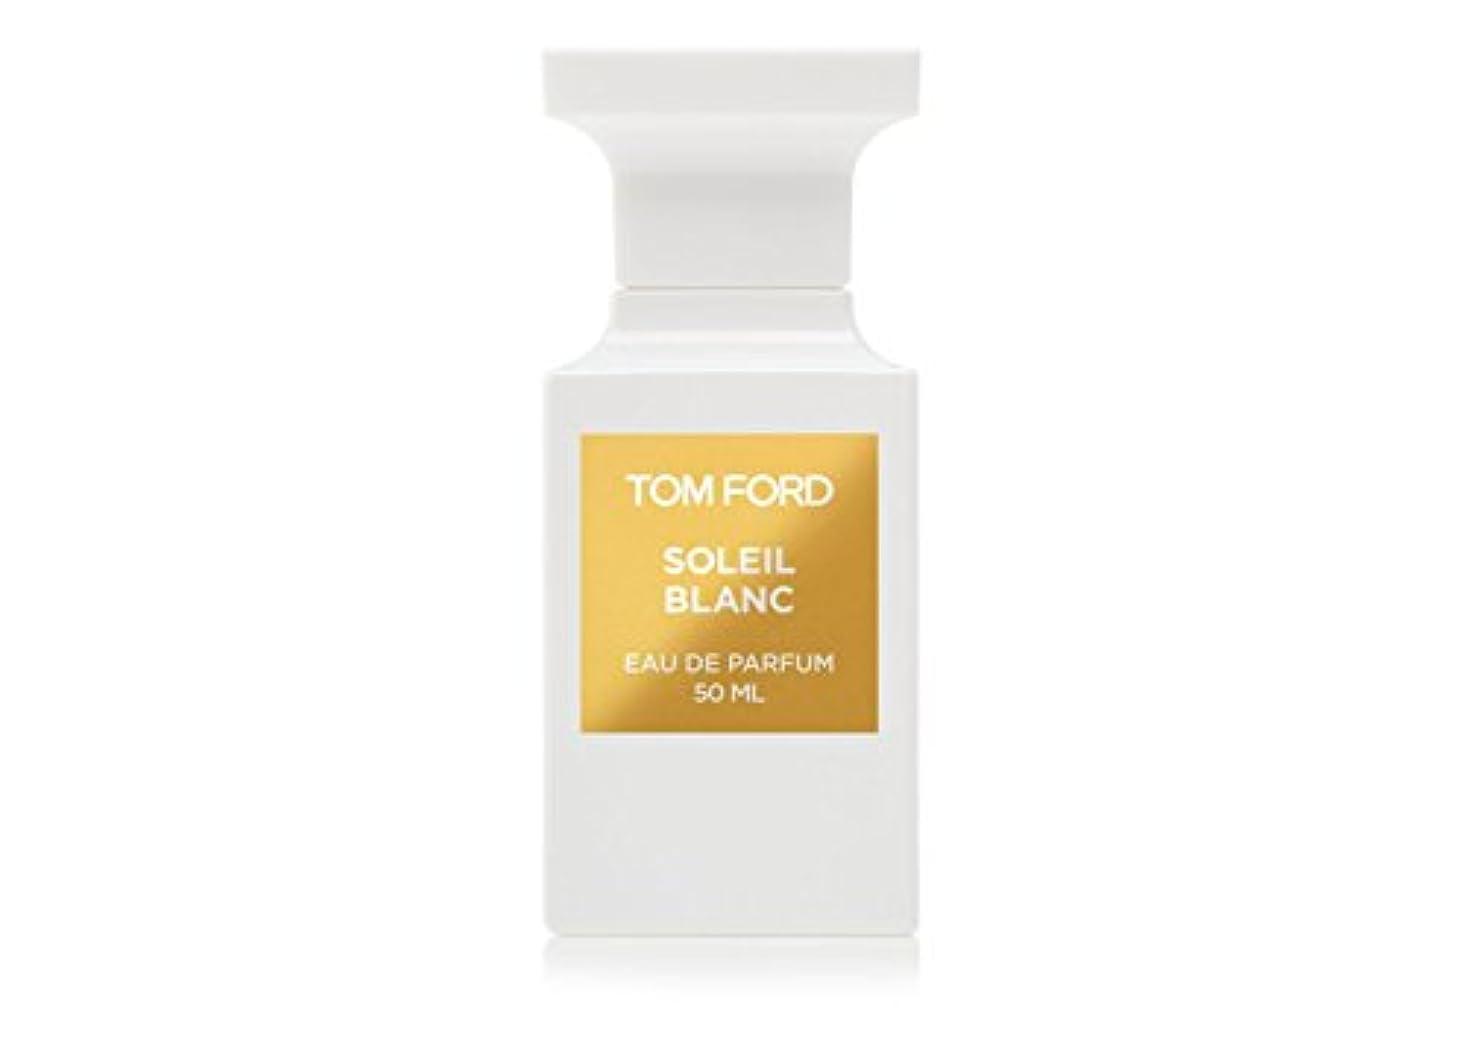 疎外するモチーフ仮装Tom Ford Private Blend 'Soleil Blanc' (トムフォード プライベートブレンド ソレイユ ブラン) 1.7 oz (50ml) EDP Spray